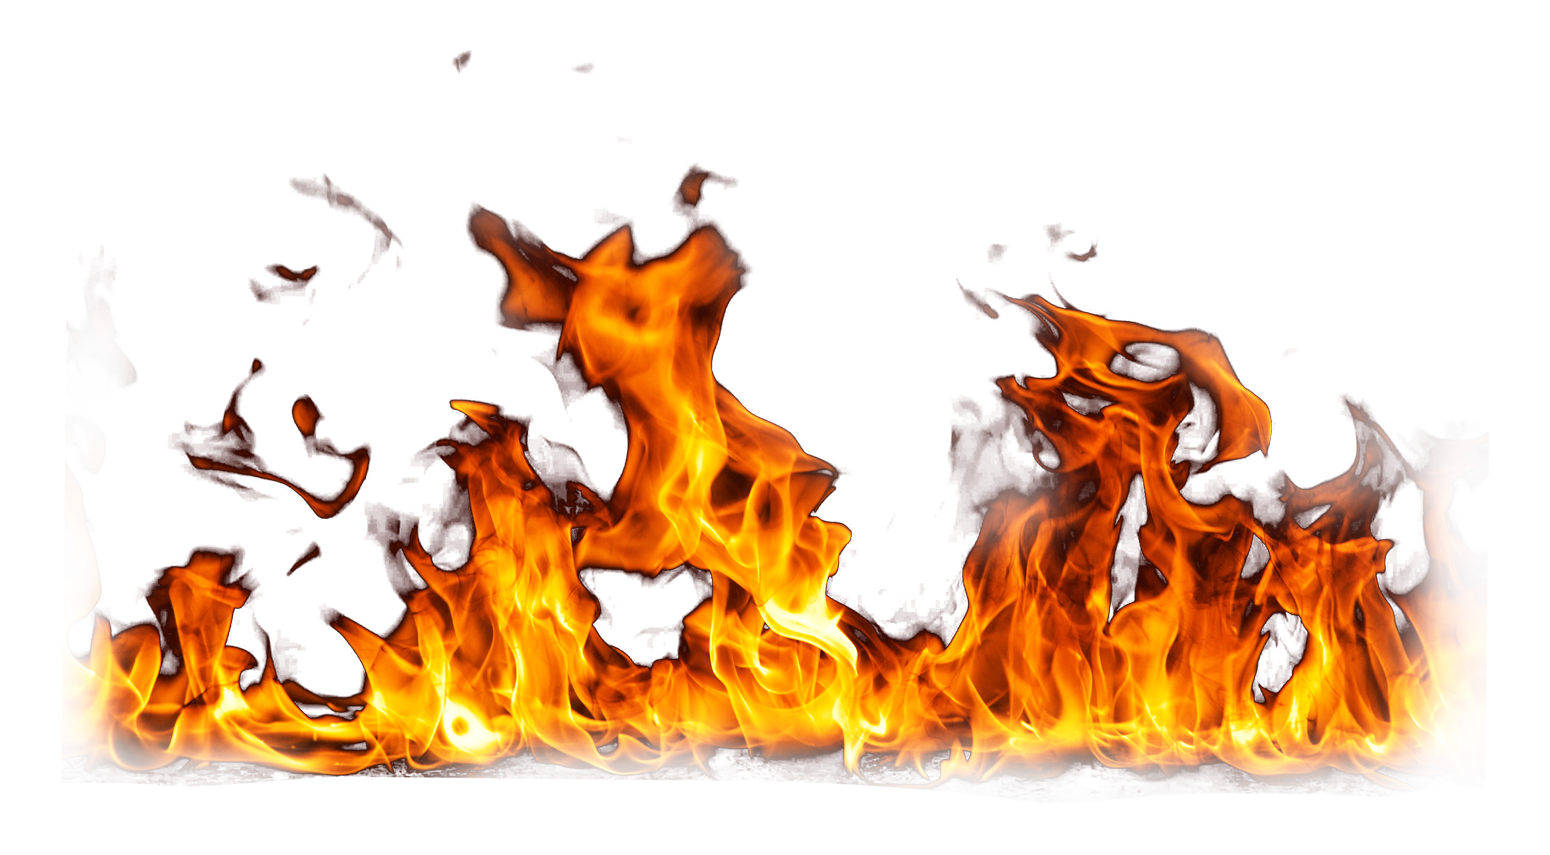 Png image download transparentpng. Fire clipart illustration